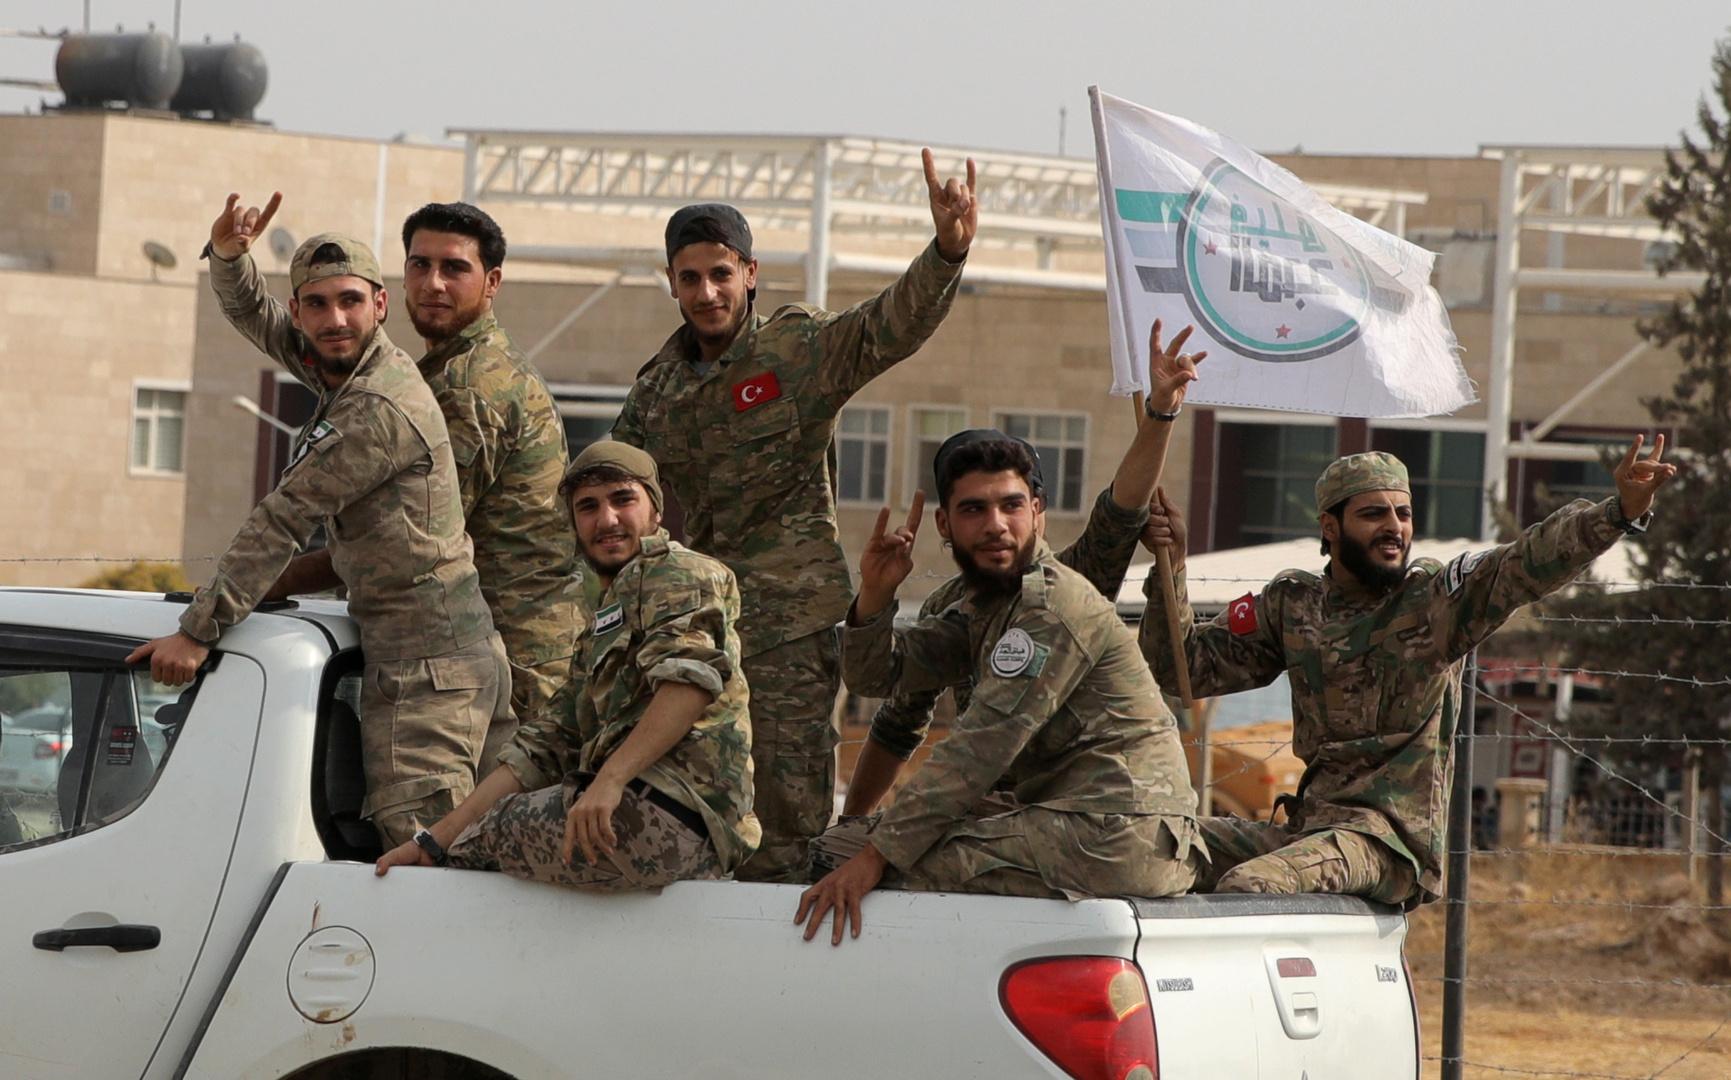 عناصر من المعارضة السورية المسلحة المتحالفة مع تركيا